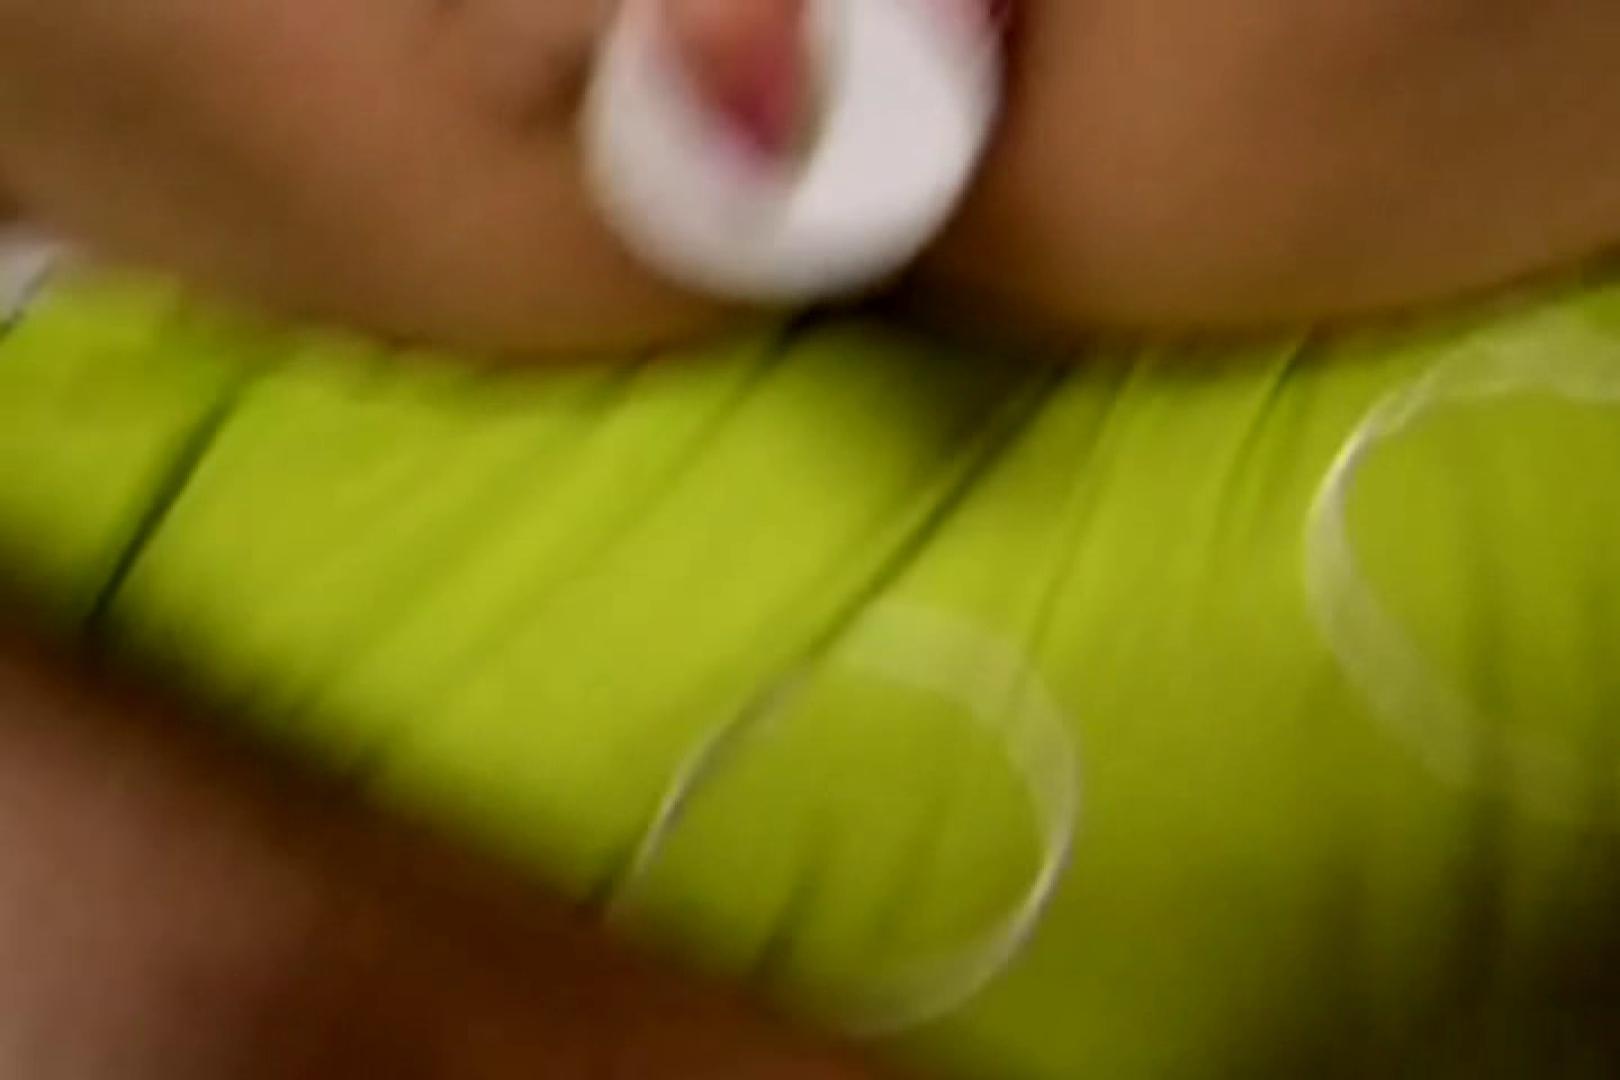 ウイルス流出 スクラムハット社長のアルバム オマンコ 覗きおまんこ画像 84連発 58